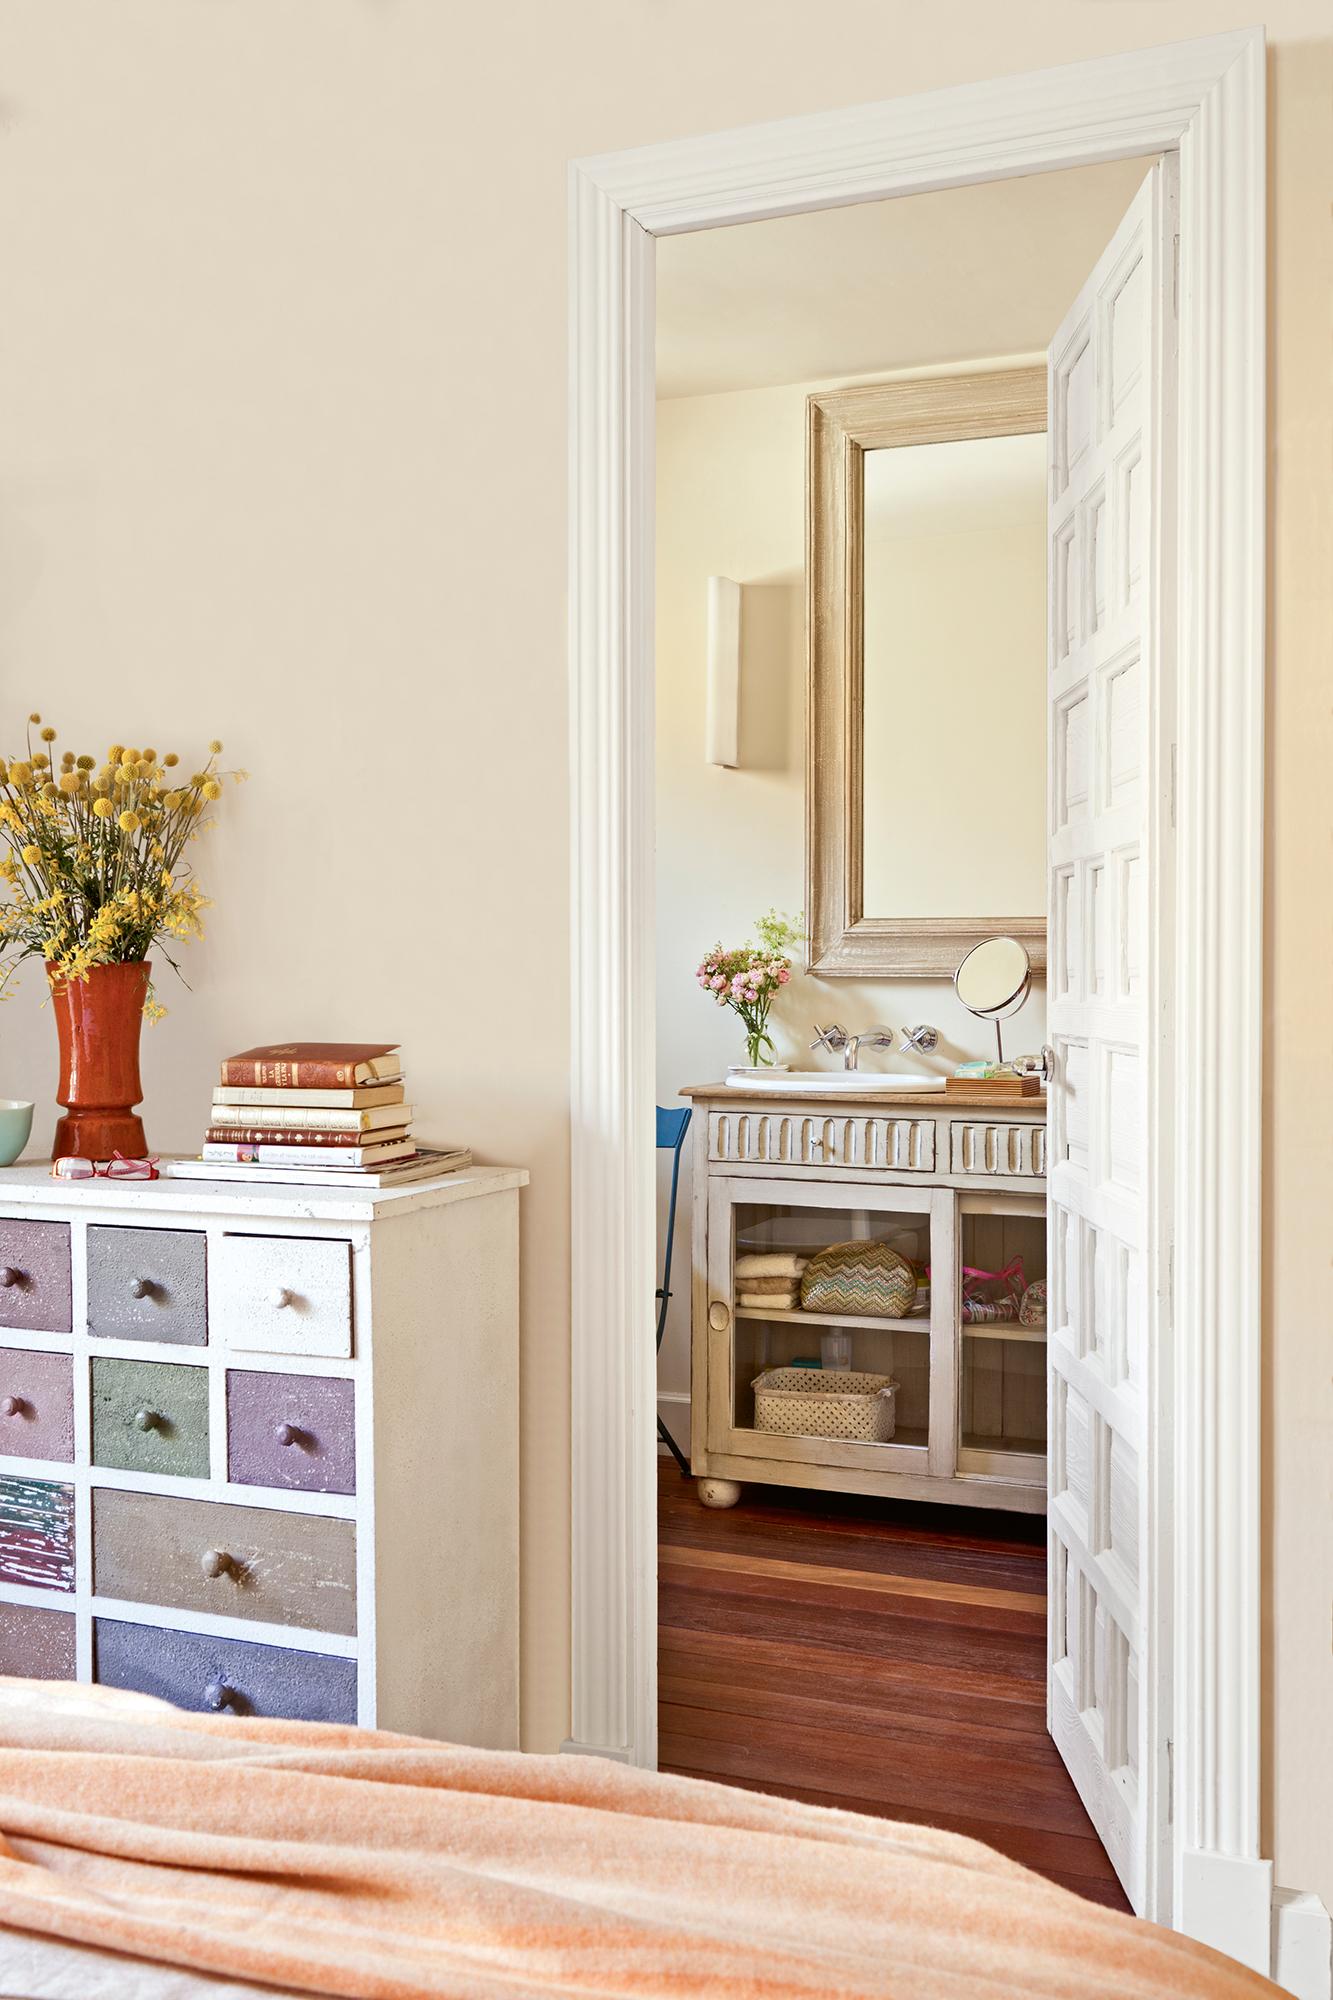 C modas para dormitorio - Comodas dormitorio ikea ...